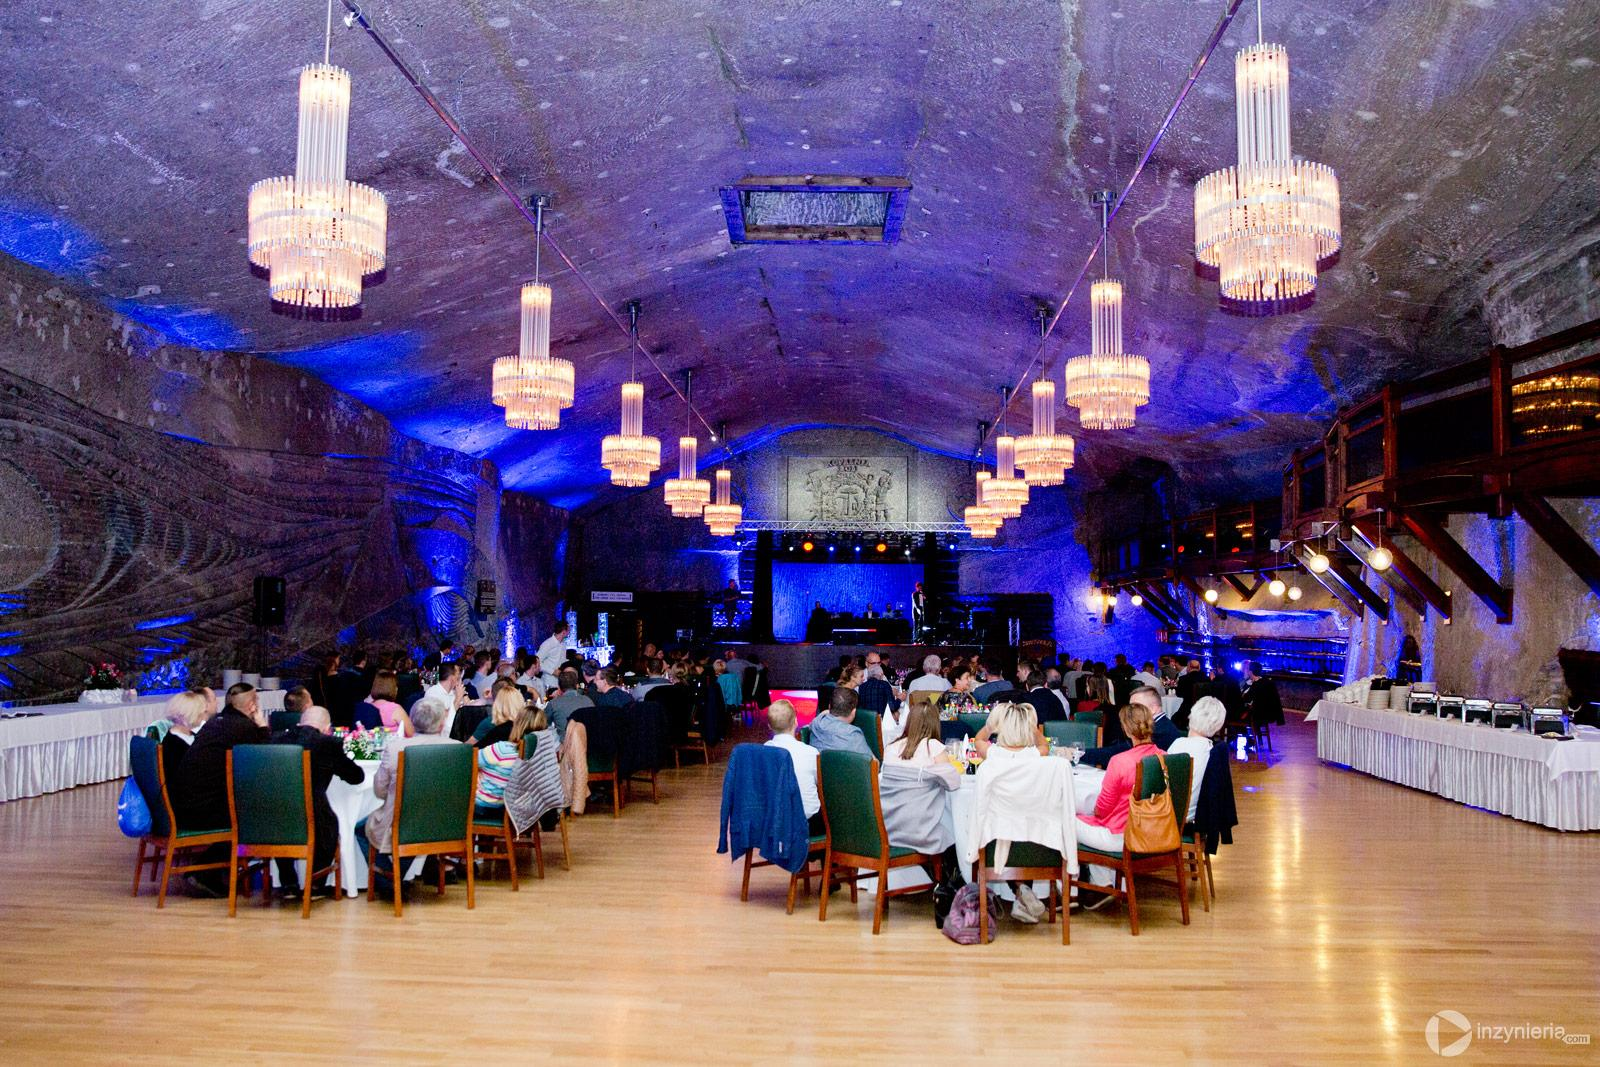 Impreza wieczorna w kopalni soli w Wieliczce / fot. <a href=&quot;http://www.quality-studio.com&quot; target=&quot;_blank&quot;>Quality Studio</a> dla www.inzynieria.com